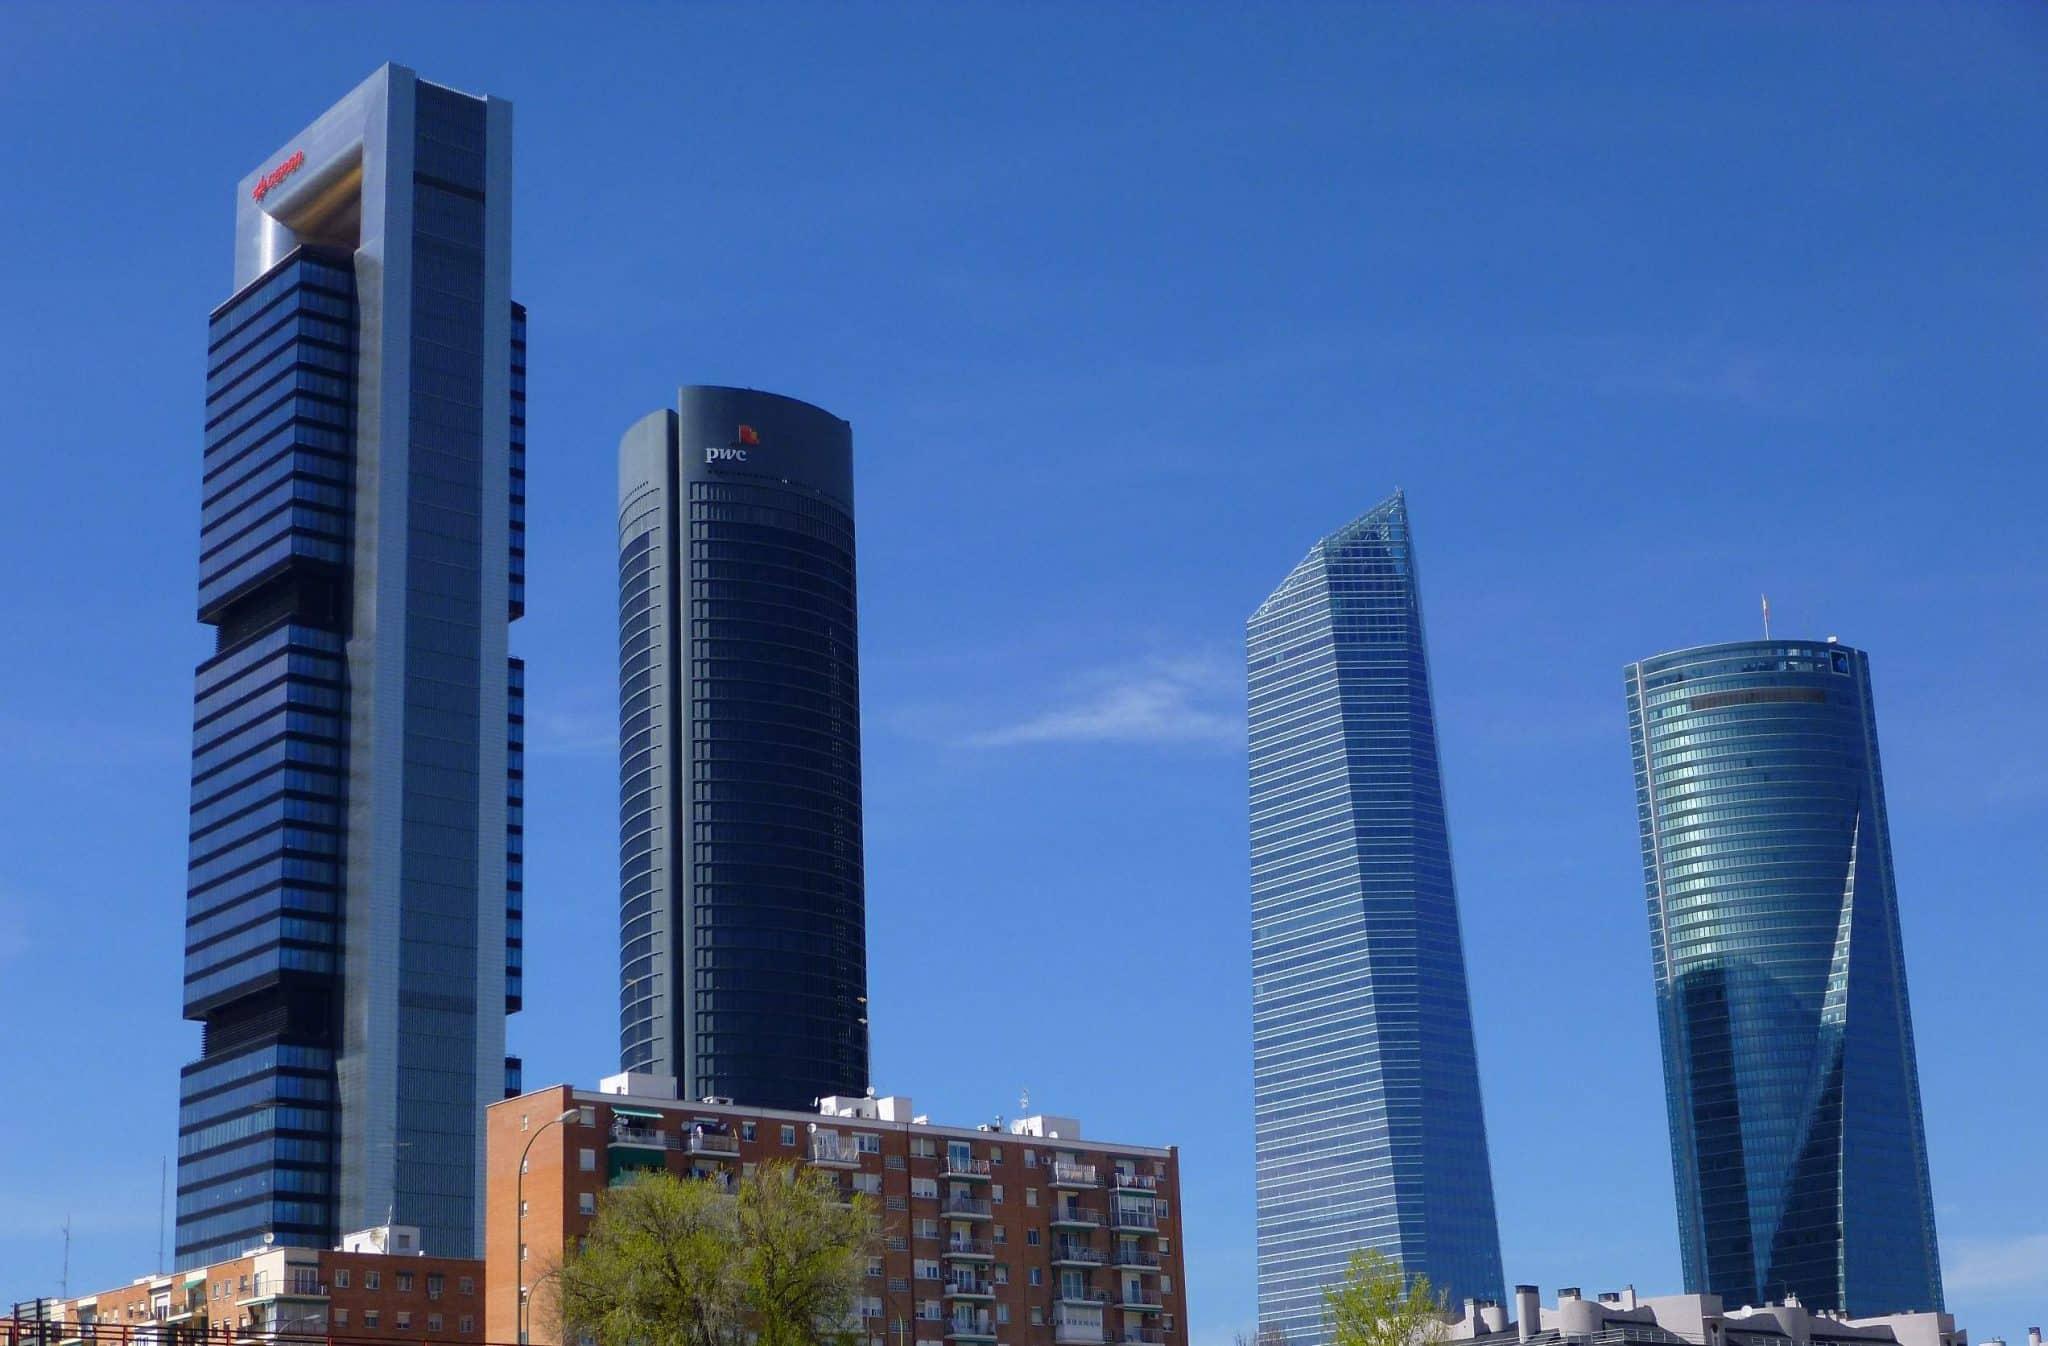 Cuatro_Torres_Business_Area